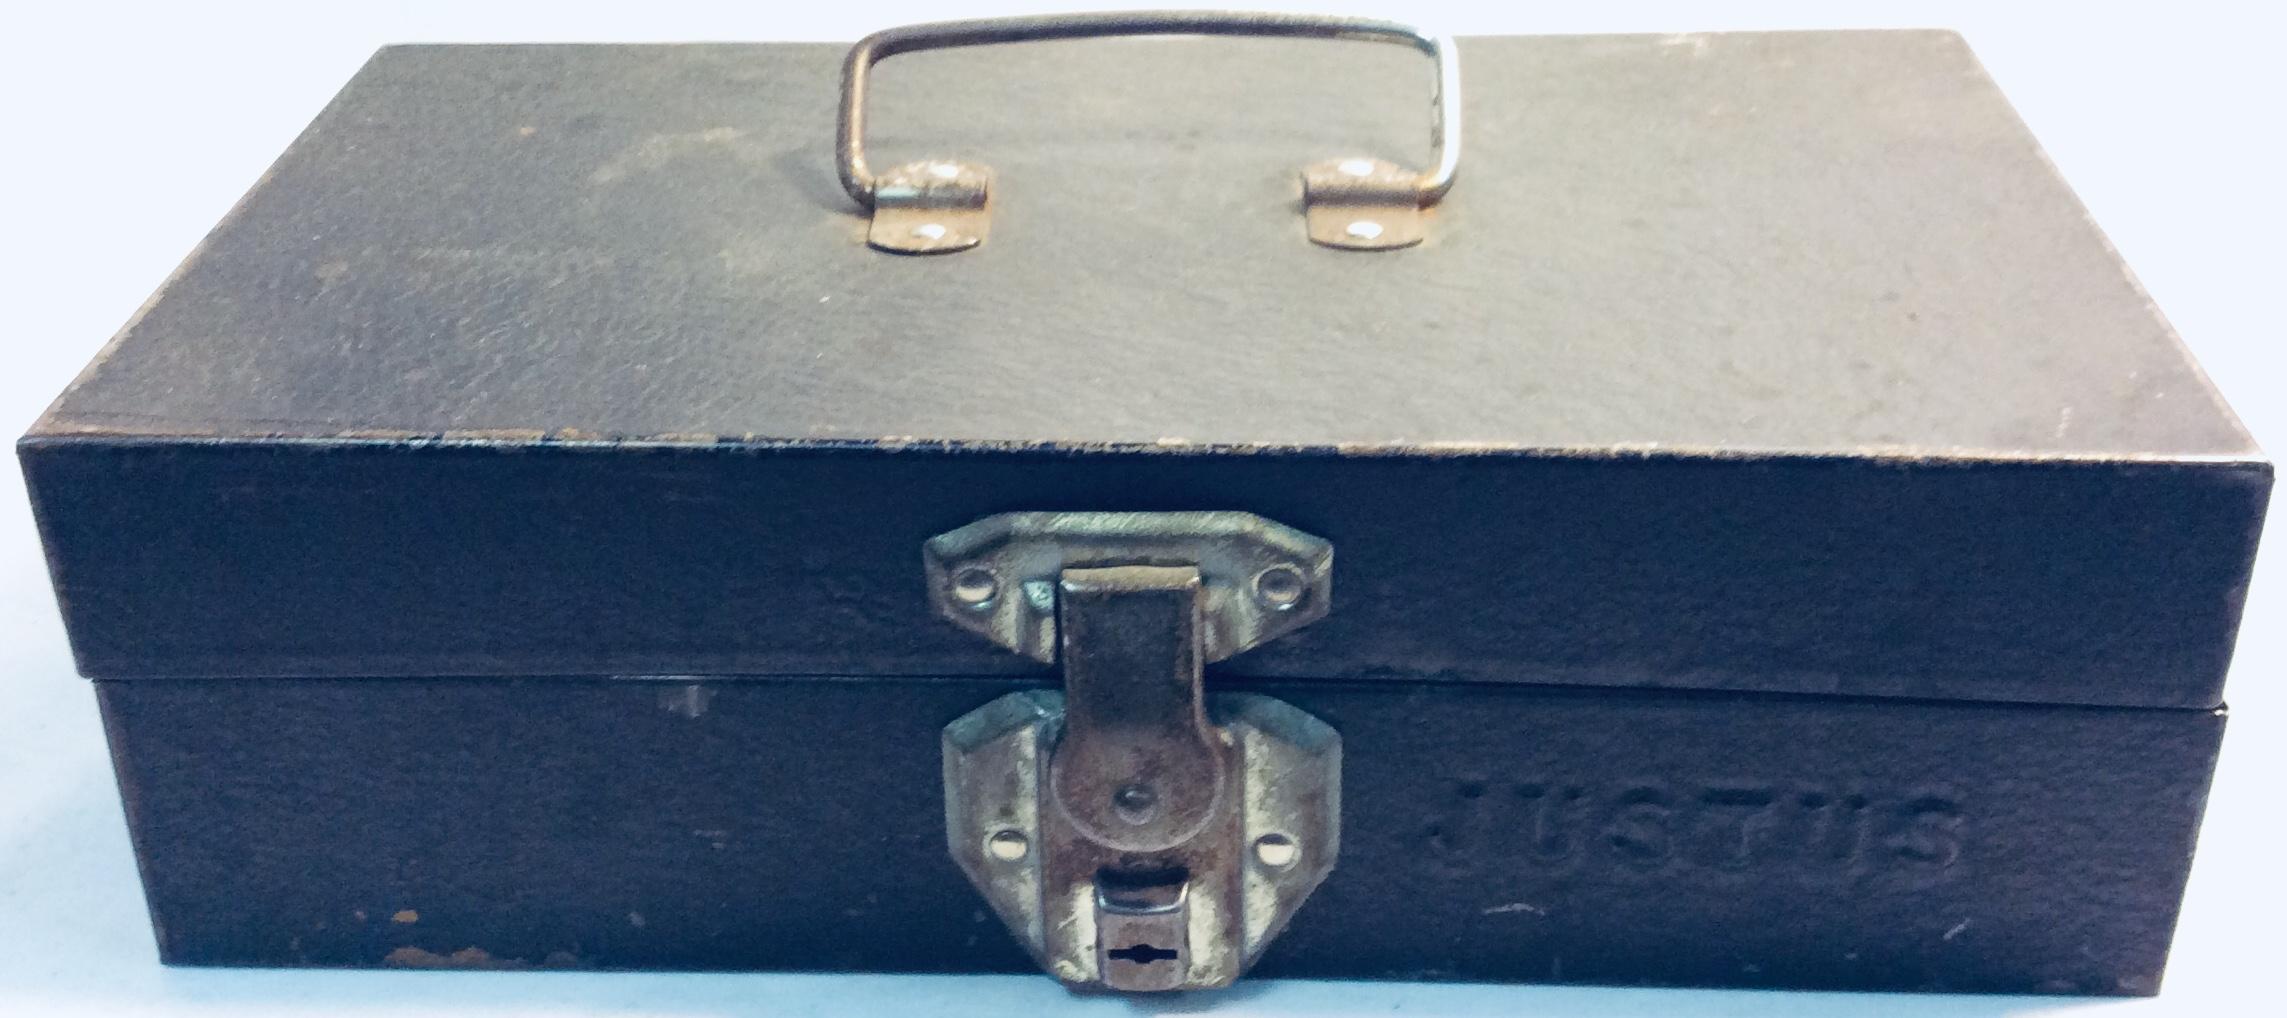 Vintage black small tool box (locked)